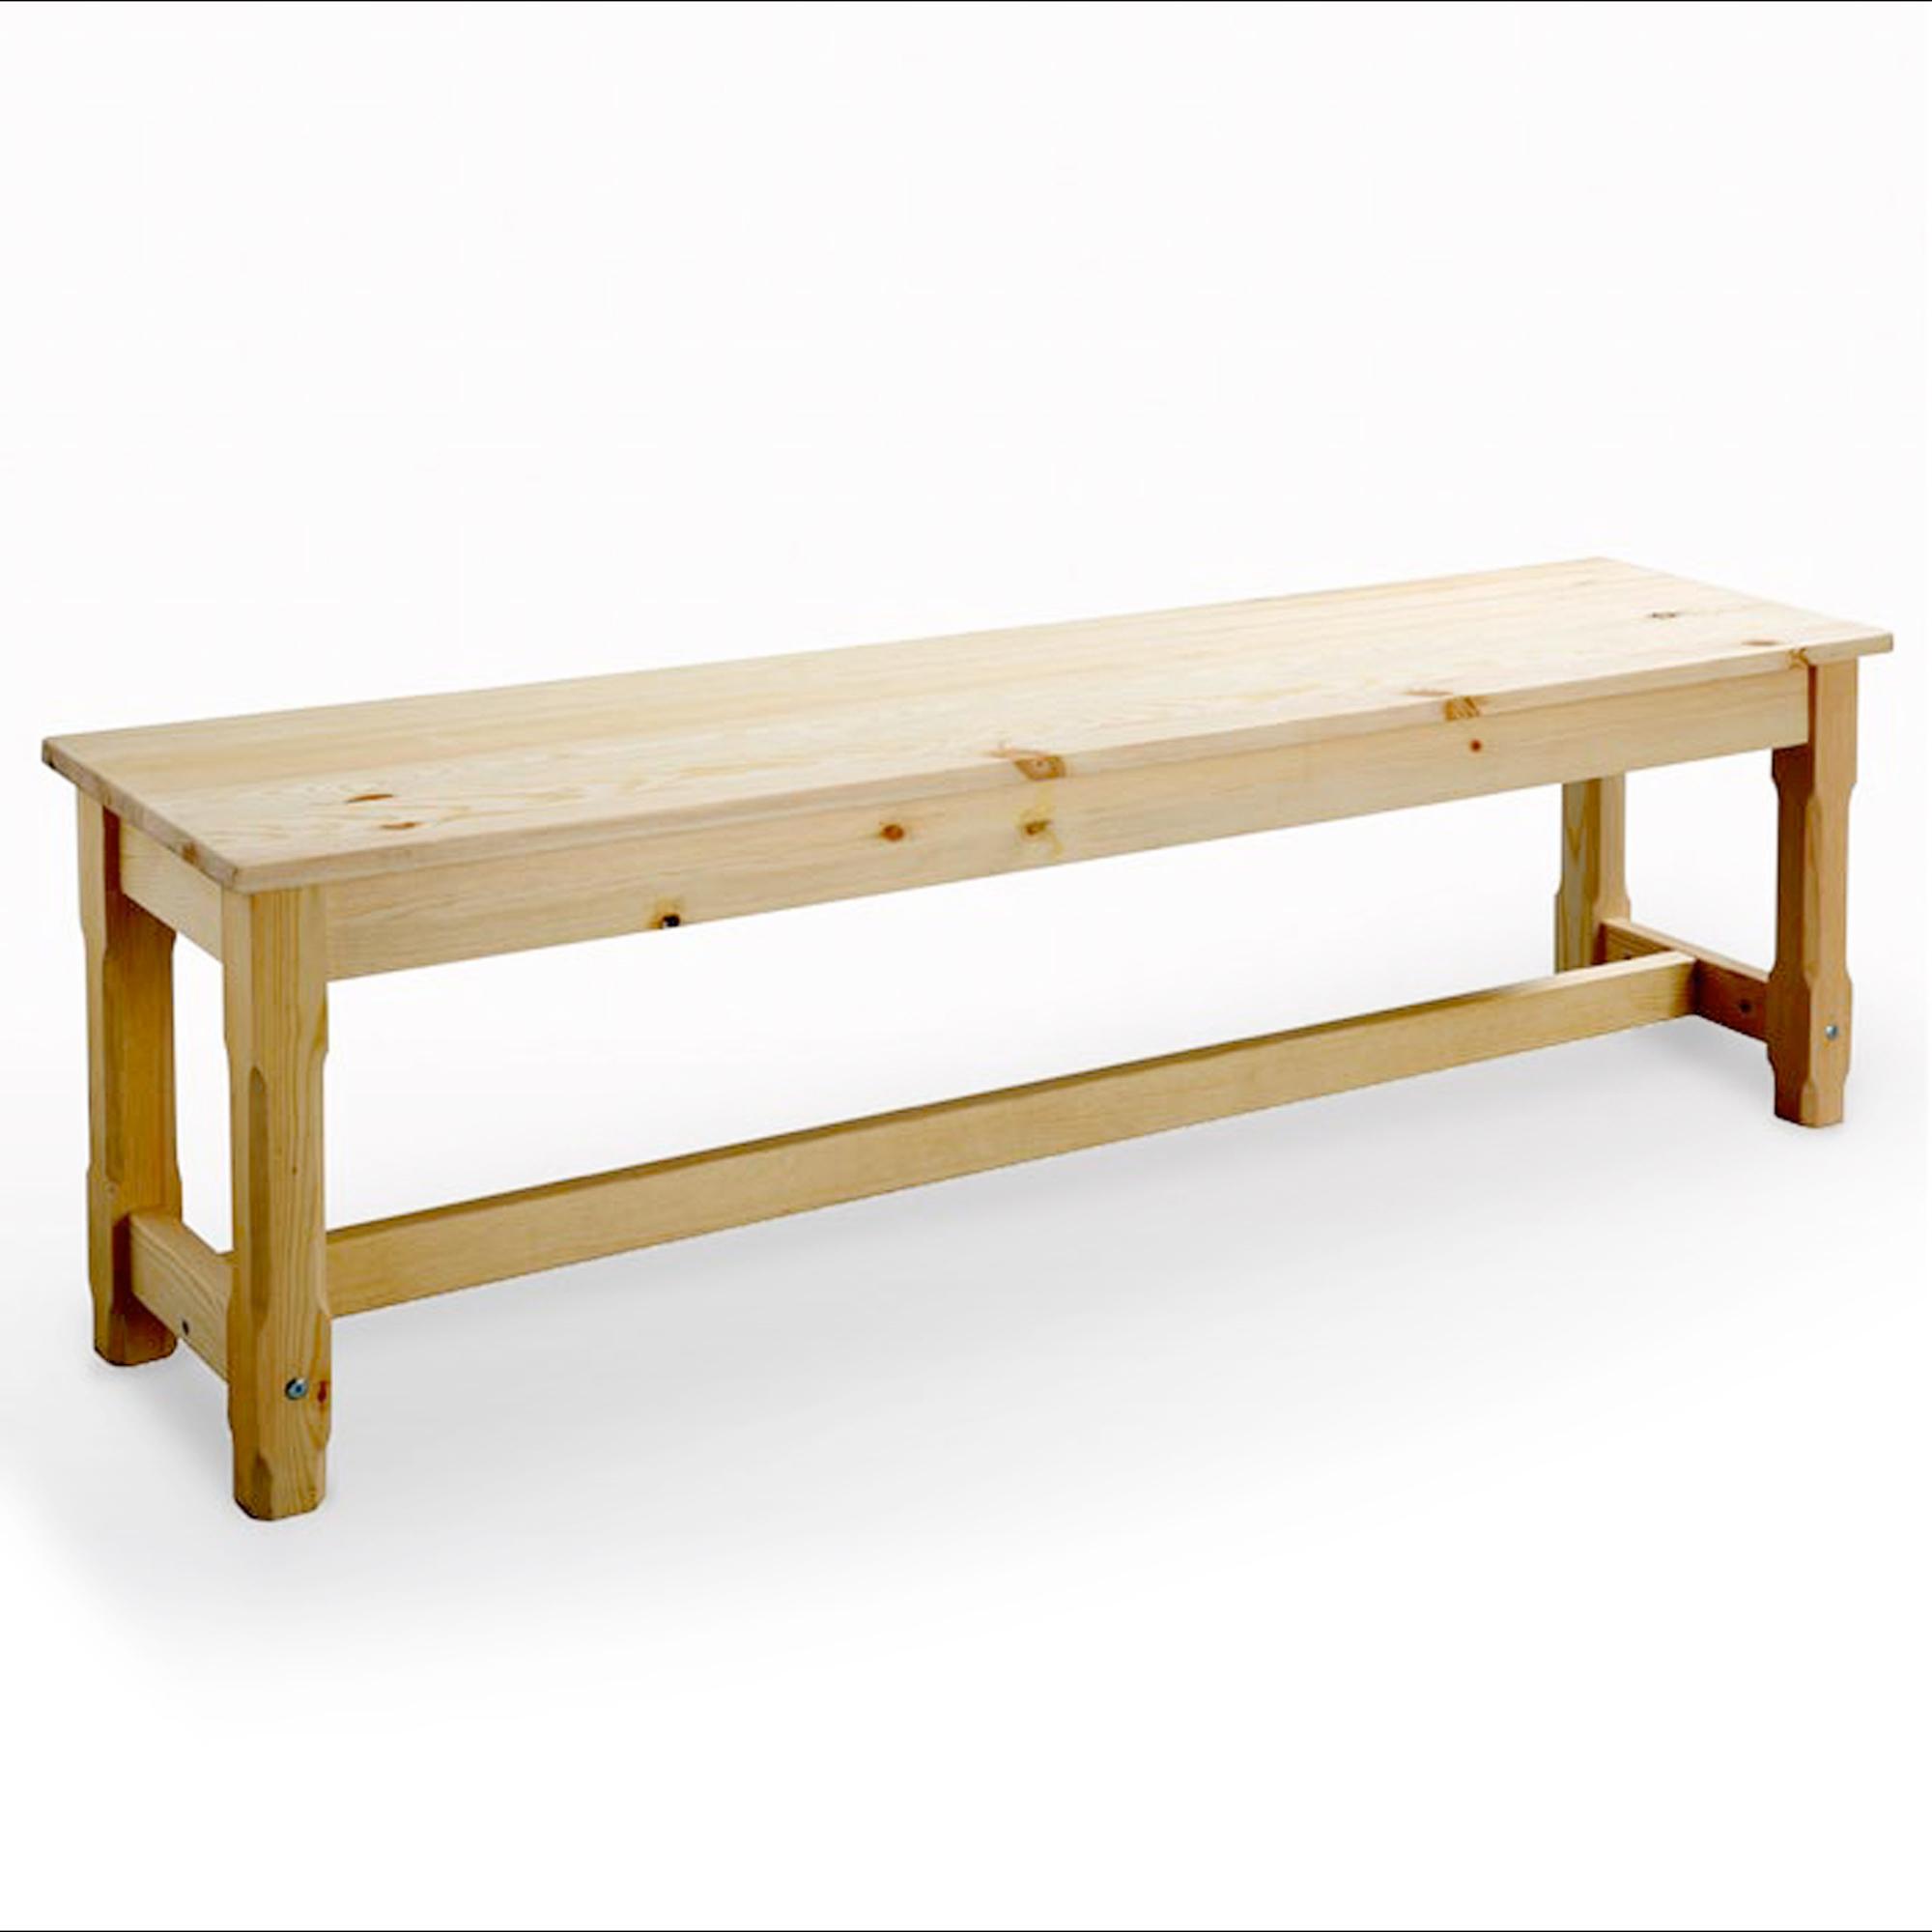 banc de ferme 180 cm brume brut frais de traitement de commande offerts acheter ce produit. Black Bedroom Furniture Sets. Home Design Ideas